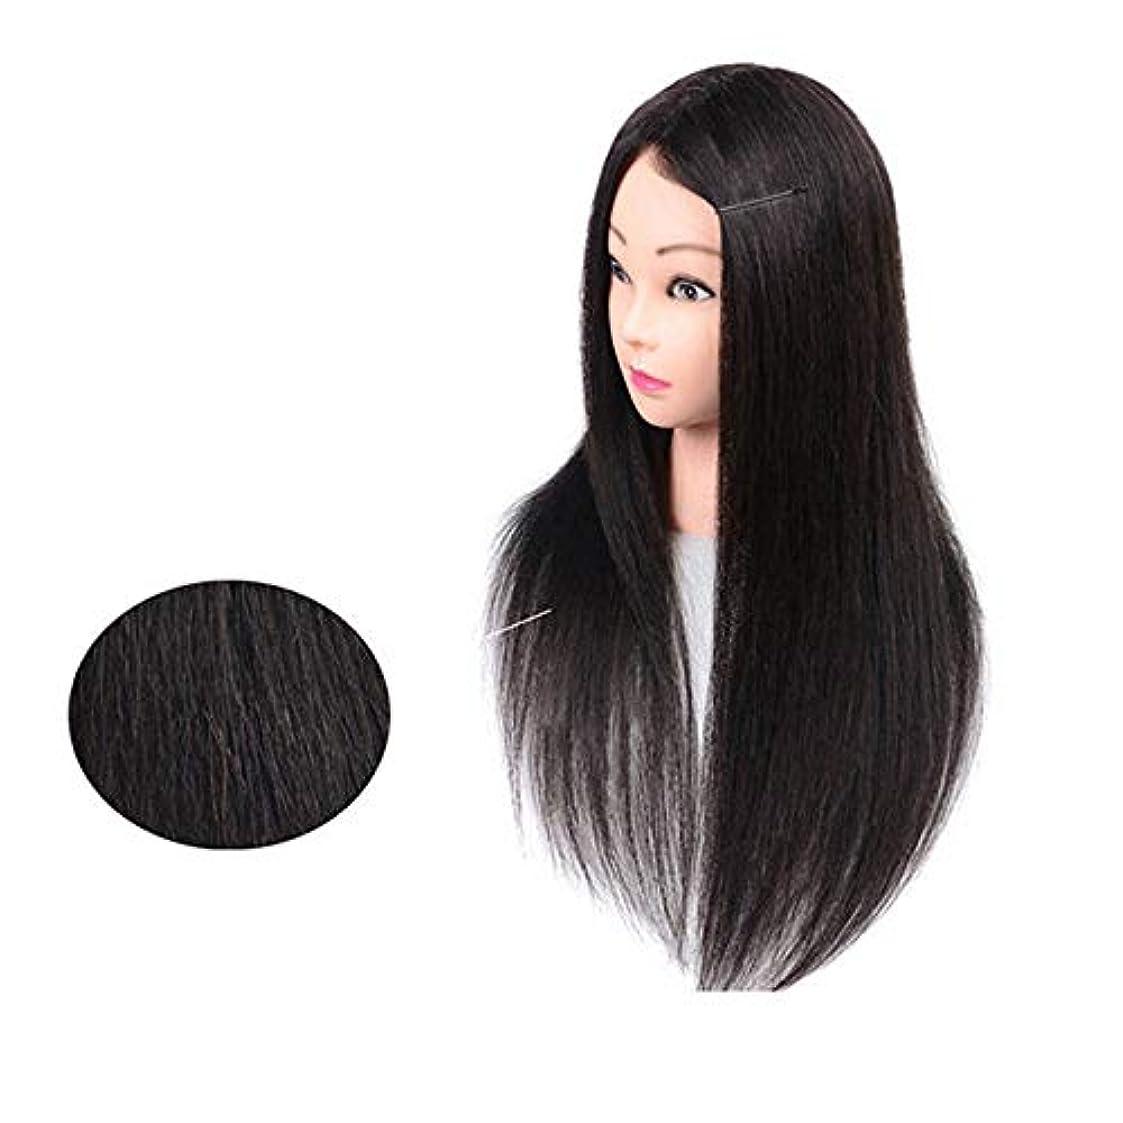 長々と落胆させる告発ウイッグ マネキンヘッド クランプ実践サロンでは80%の人間の髪マネキン頭部イエローナチュラルカラー 練習用 (色 : ブラック, サイズ : 60cm(hair length))